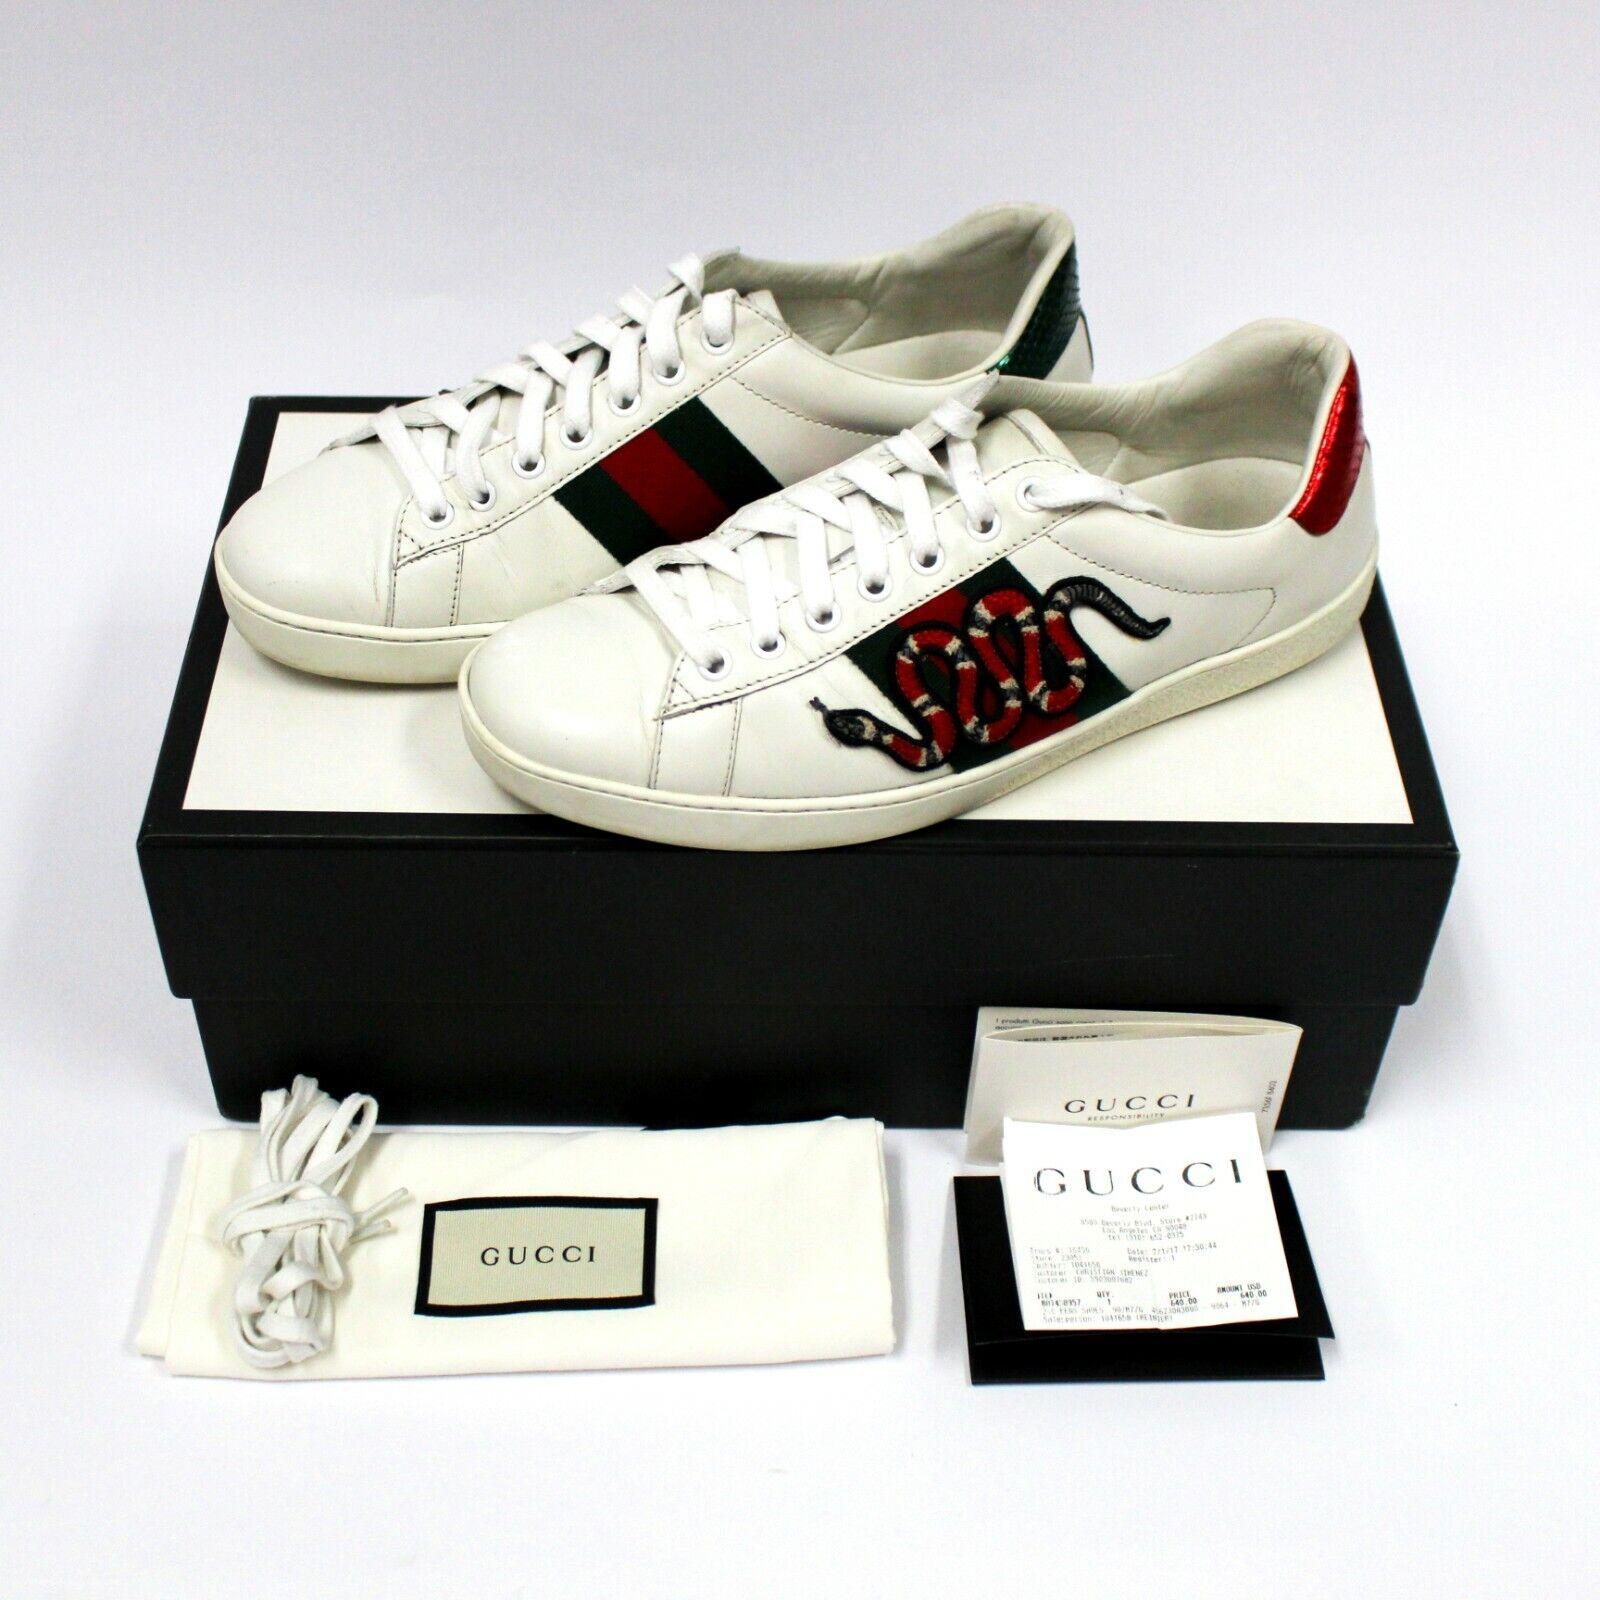 Gucci Ace купить на eBay в Америке, лот